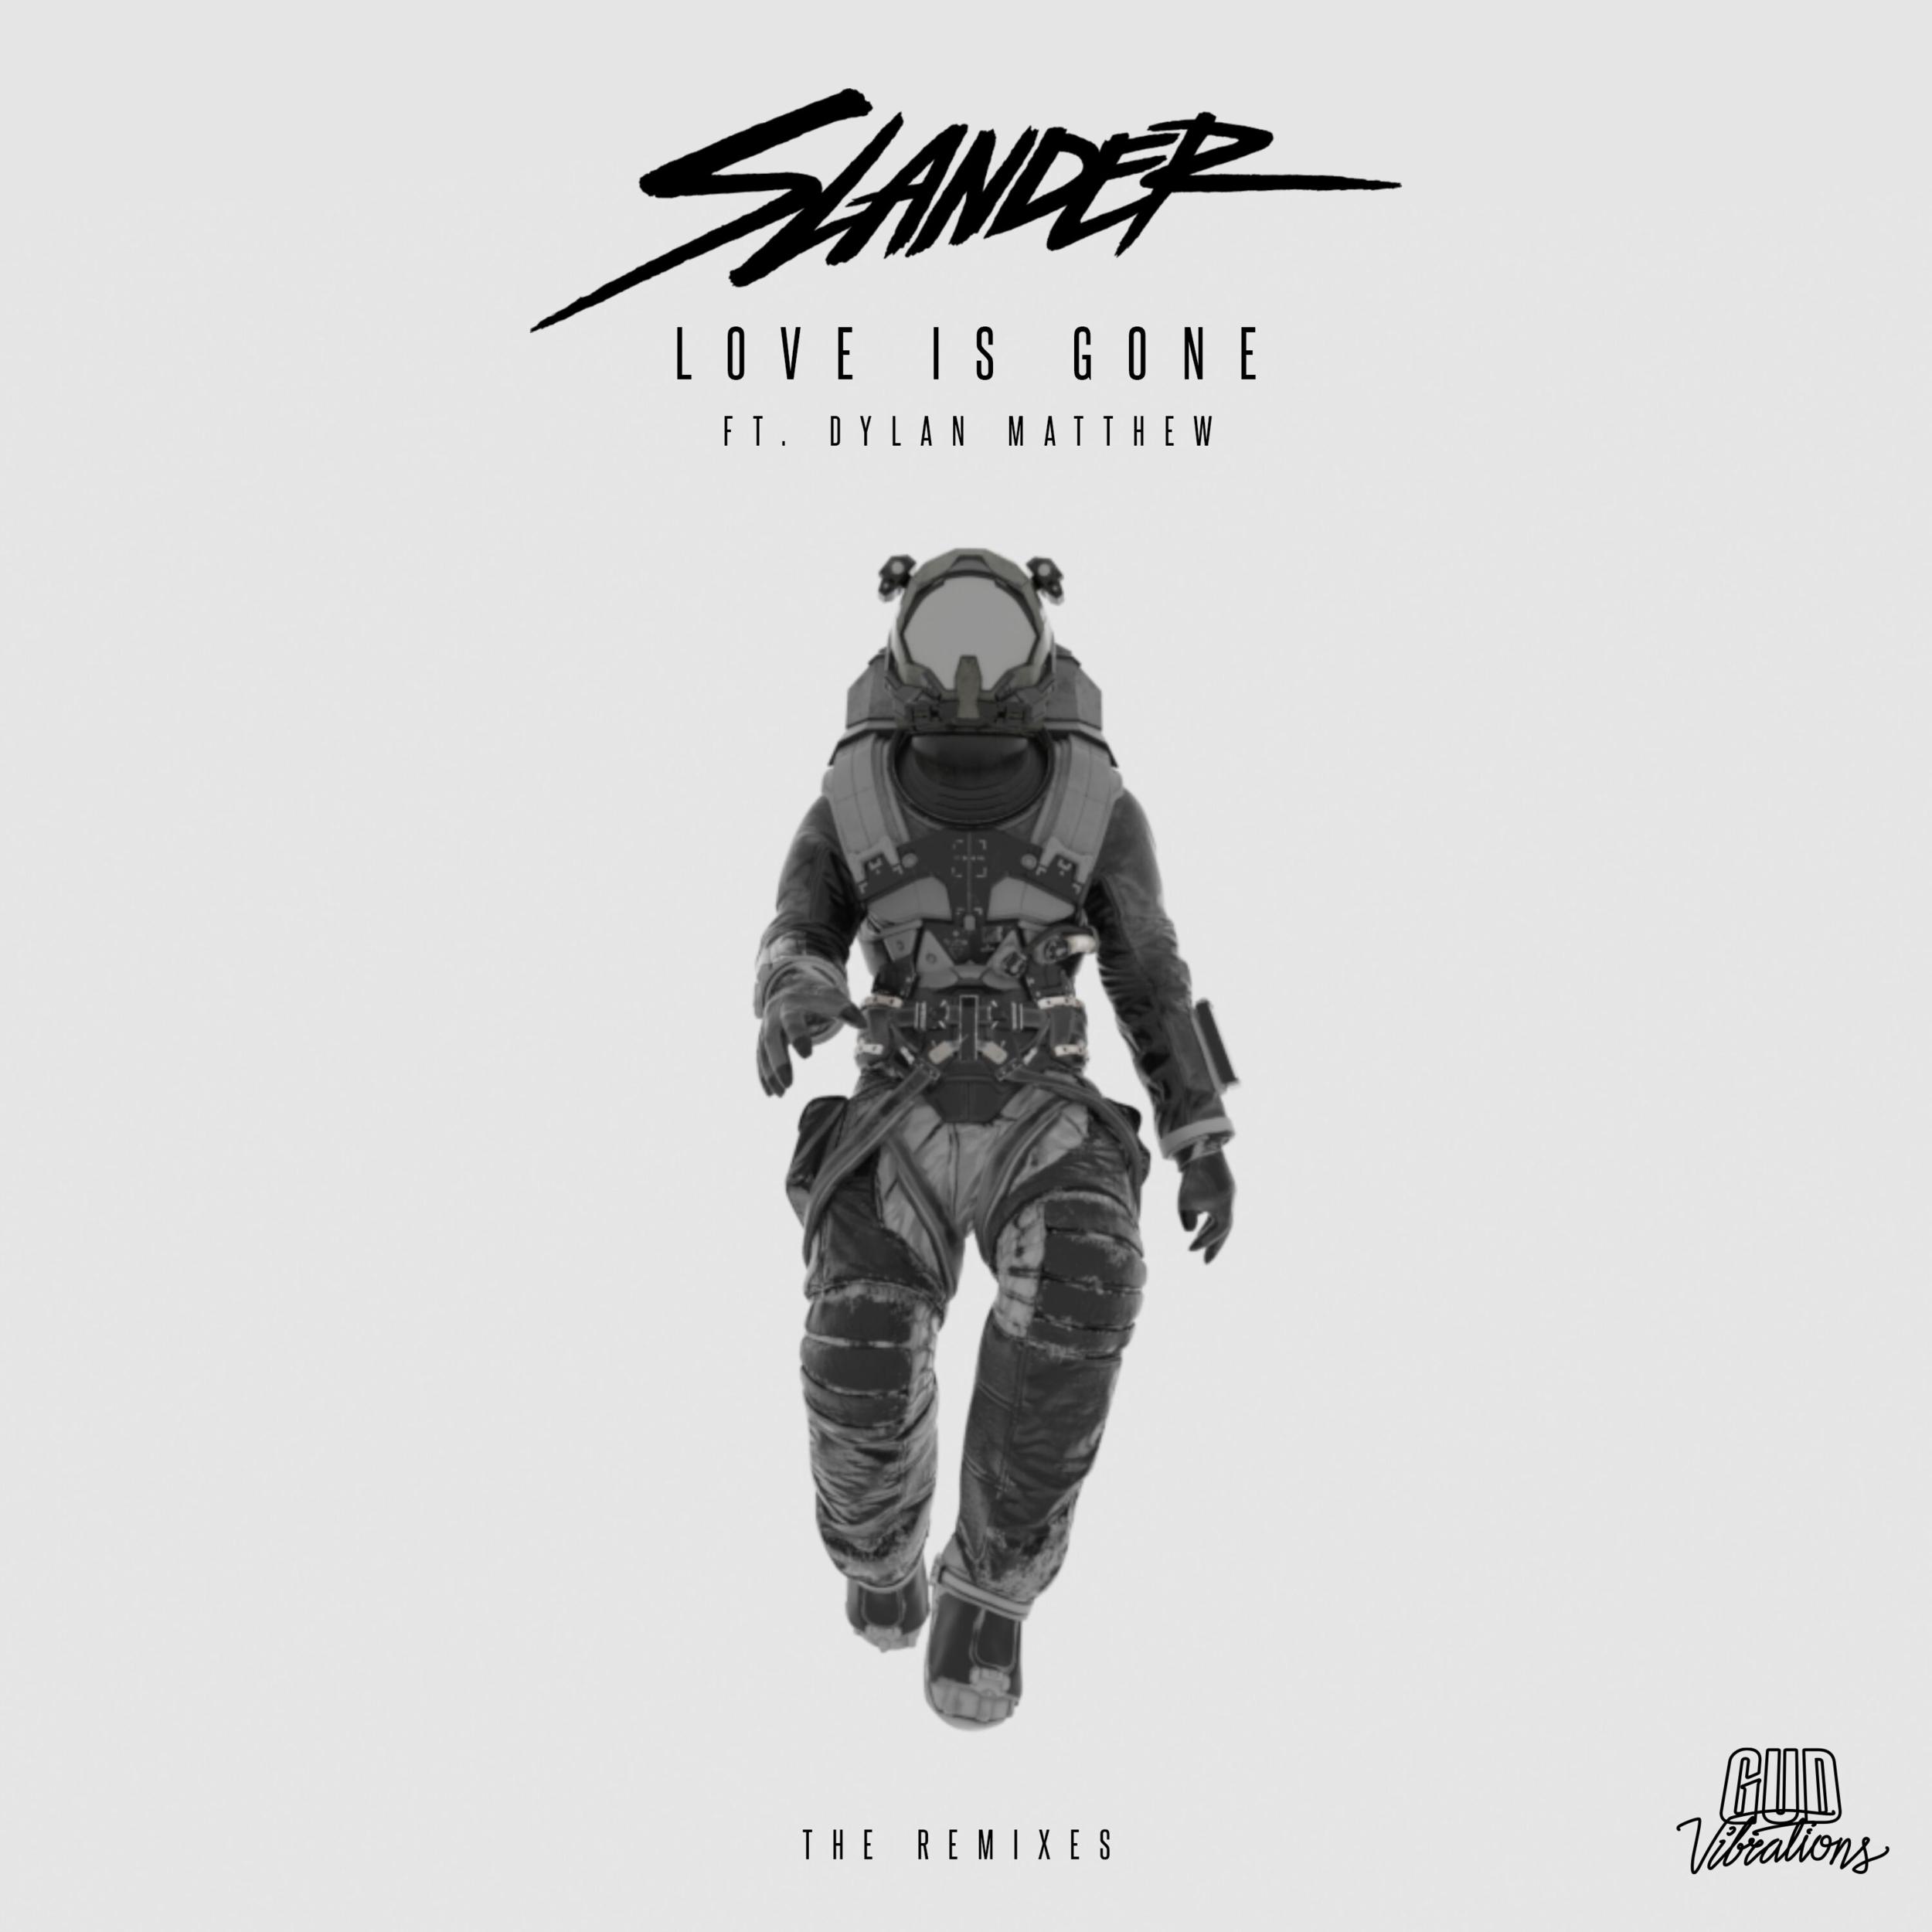 slander-loveisgone-image.png